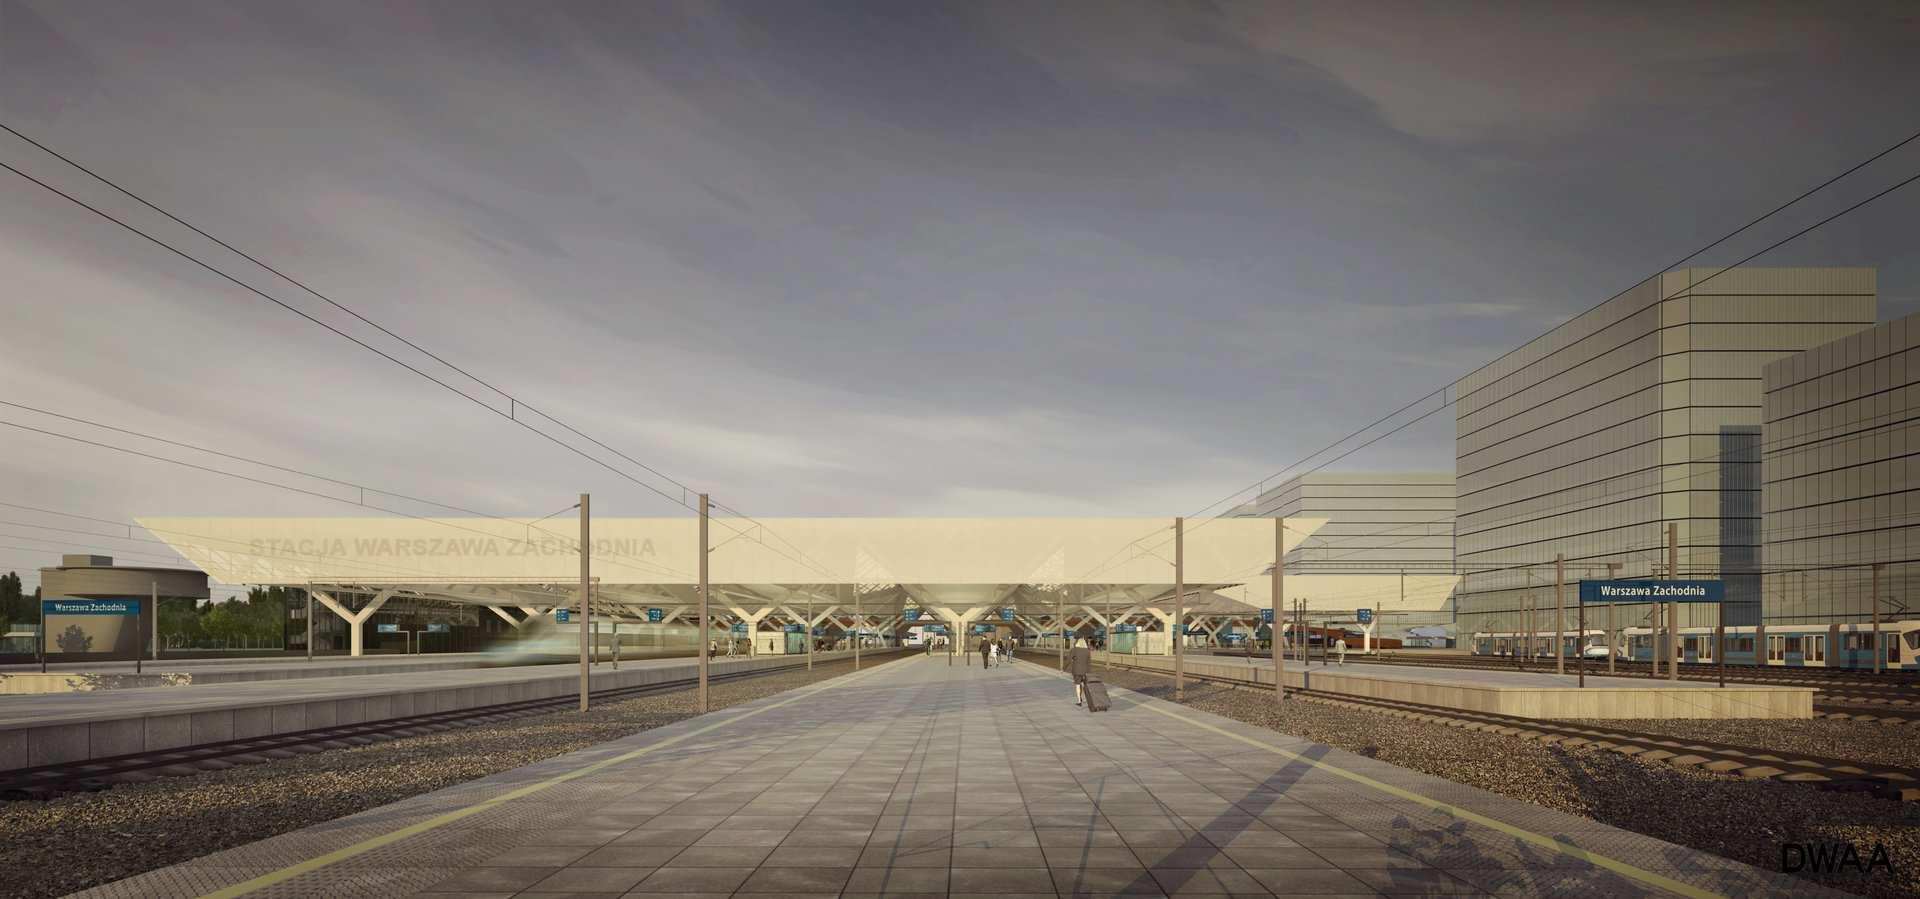 Dworzec Zachodni w Warszawie, wizualizacja